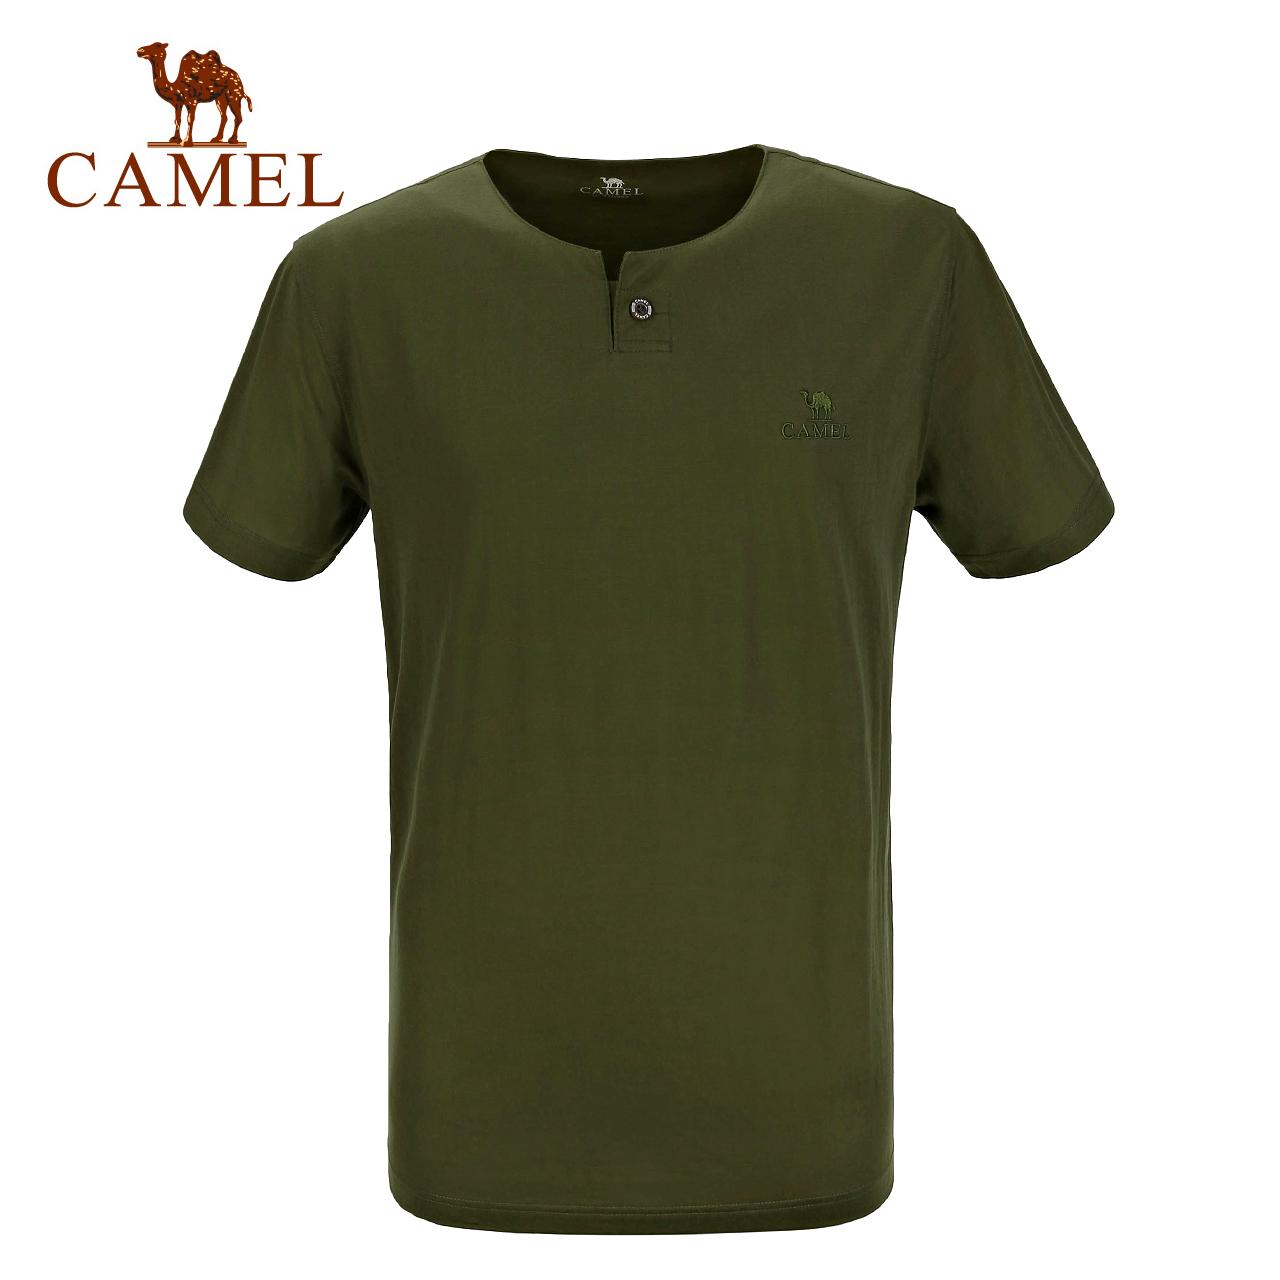 CAMEL骆驼户外男款休闲圆领T恤 春夏轻薄透气短袖舒适T